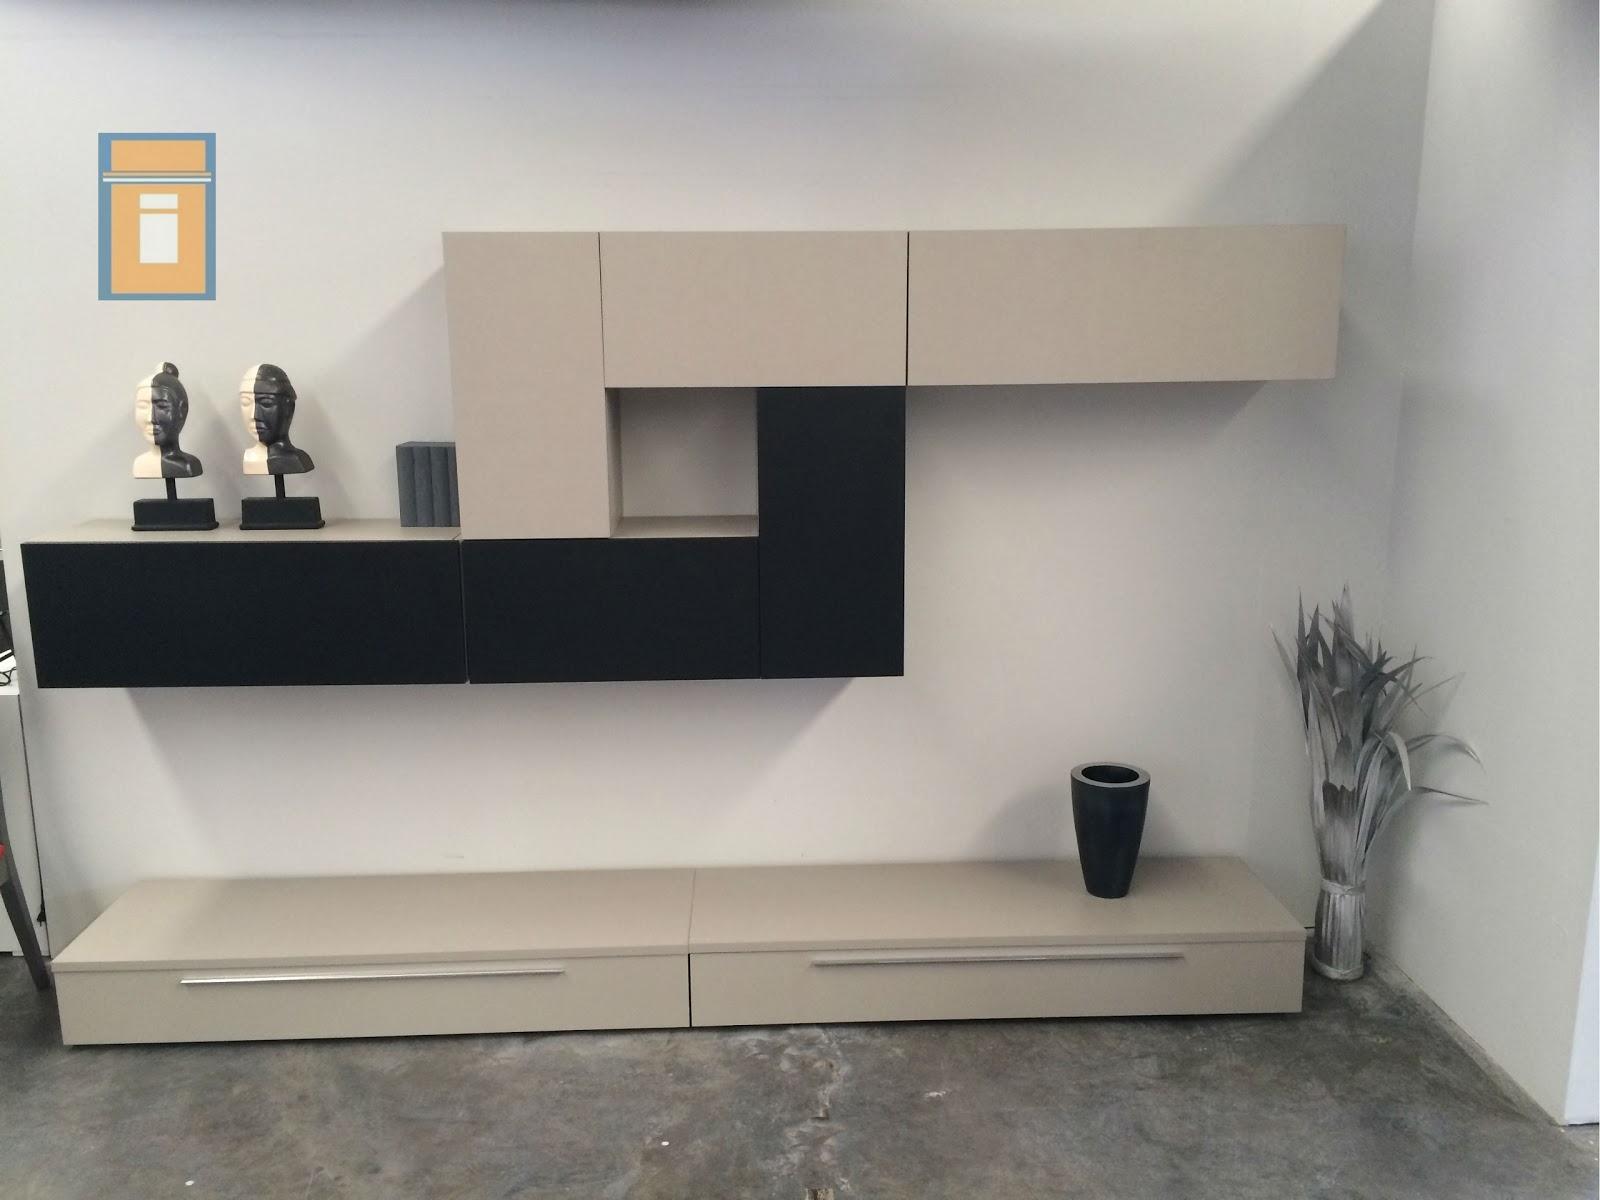 Armimobel muebles con vida for Liquidacion muebles valencia